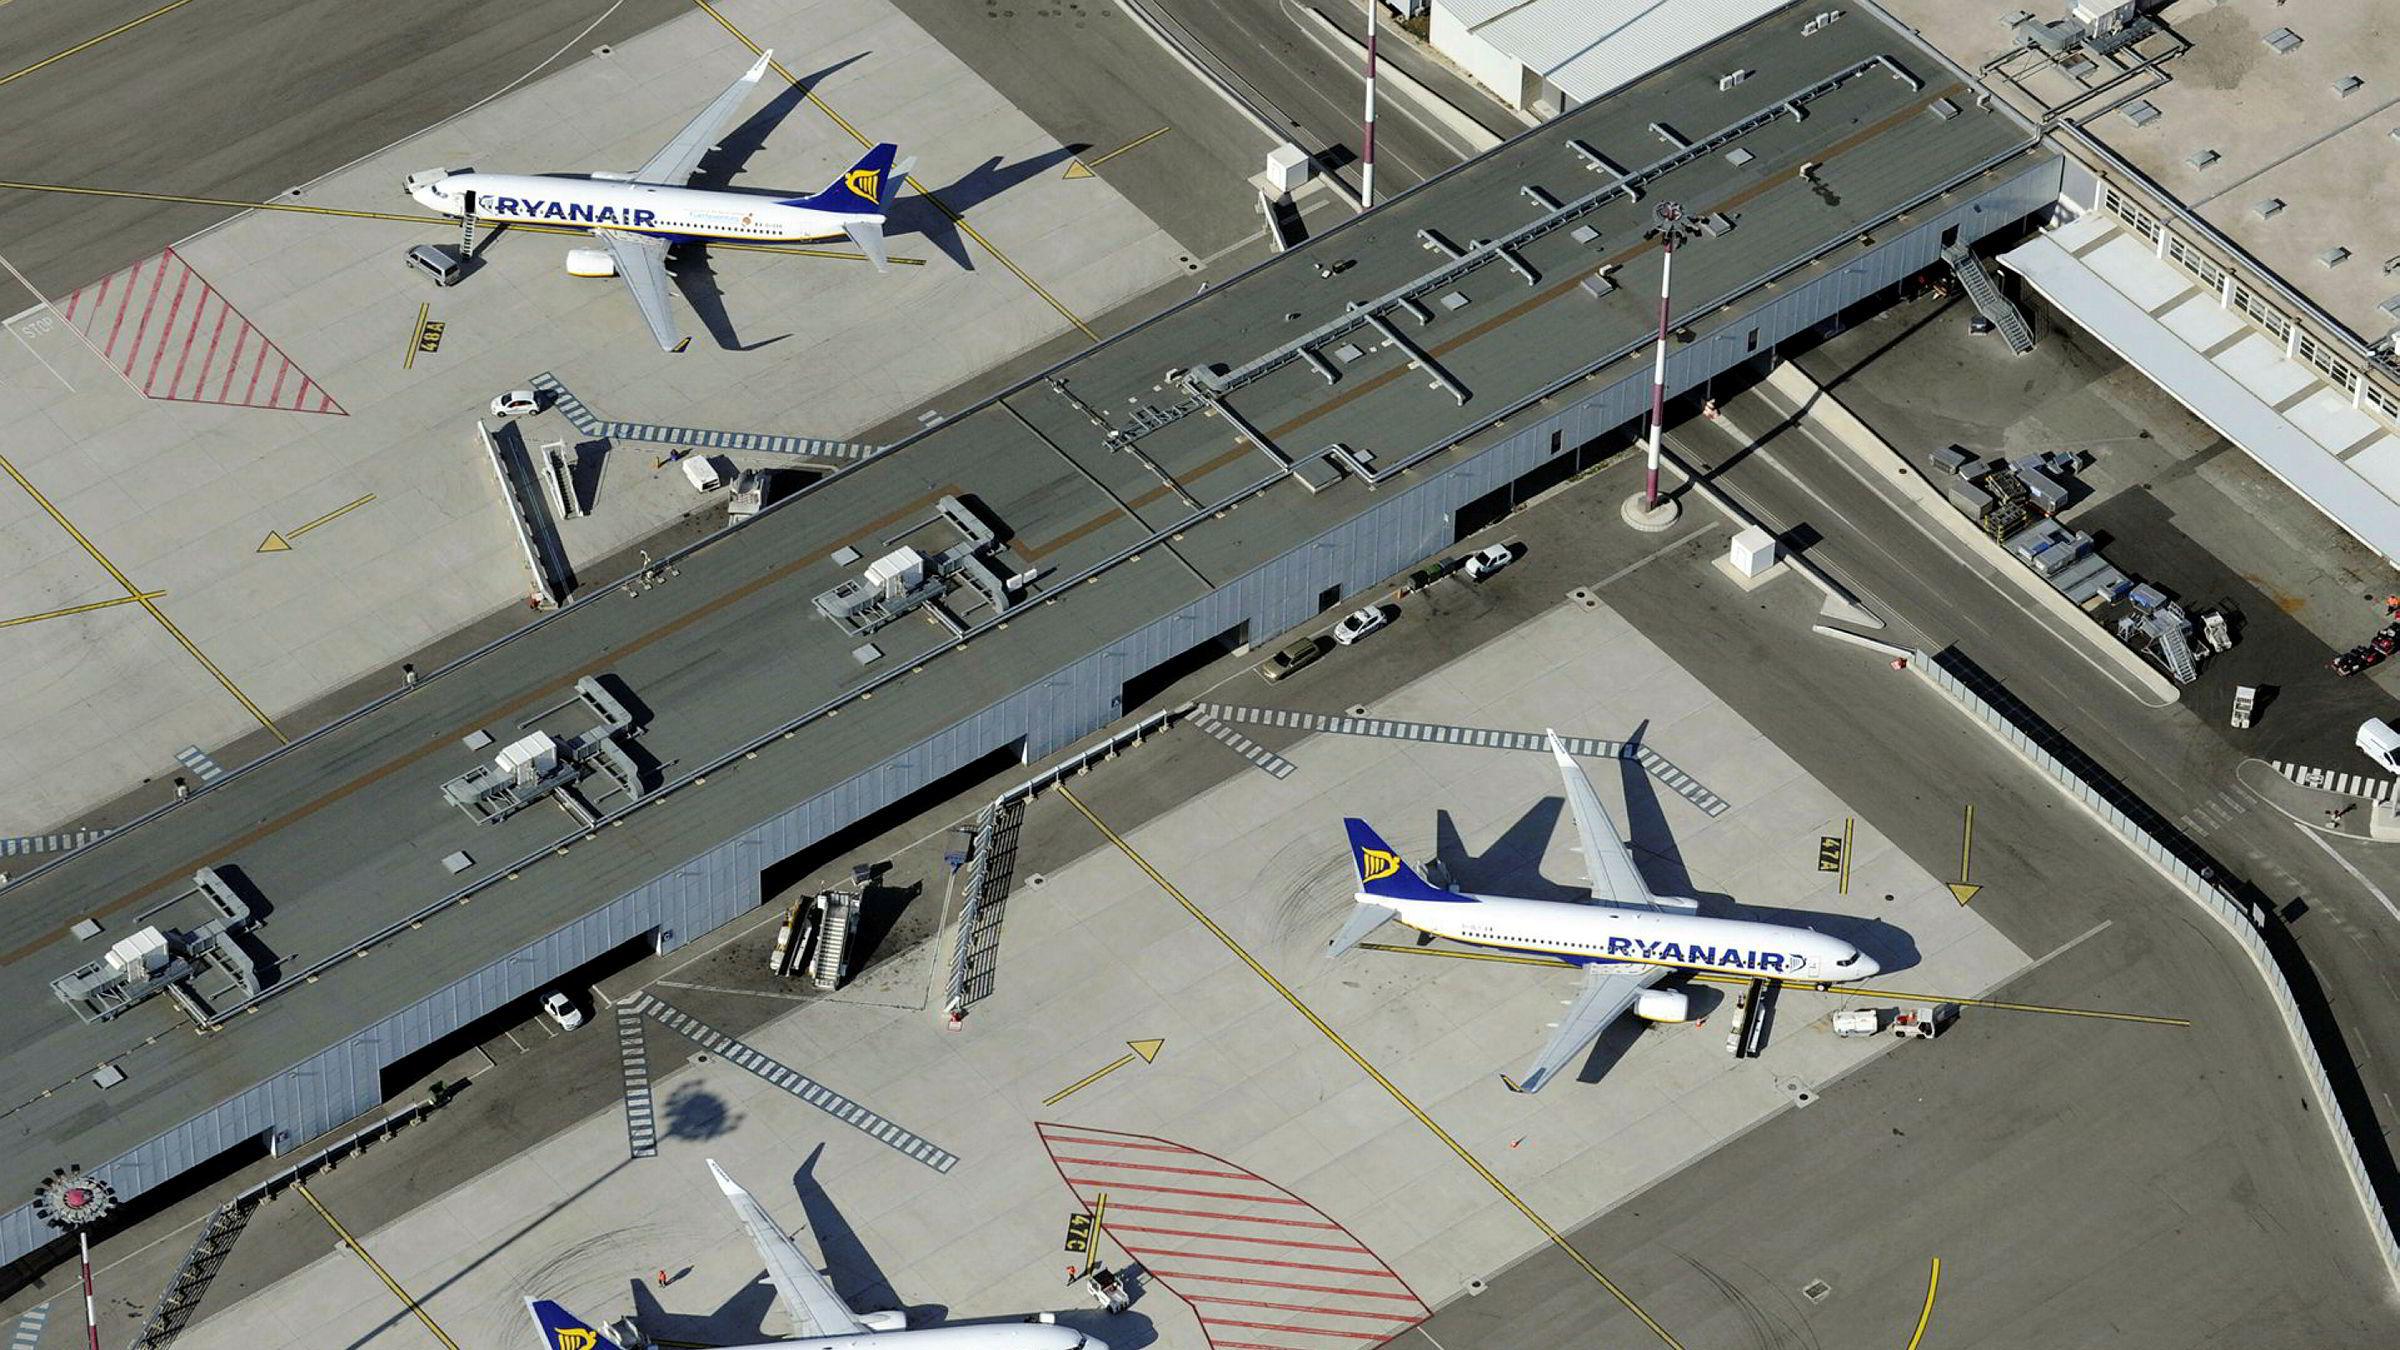 En rekke Ryanair-fly står på flyplassen i Marseille i Frankrike.